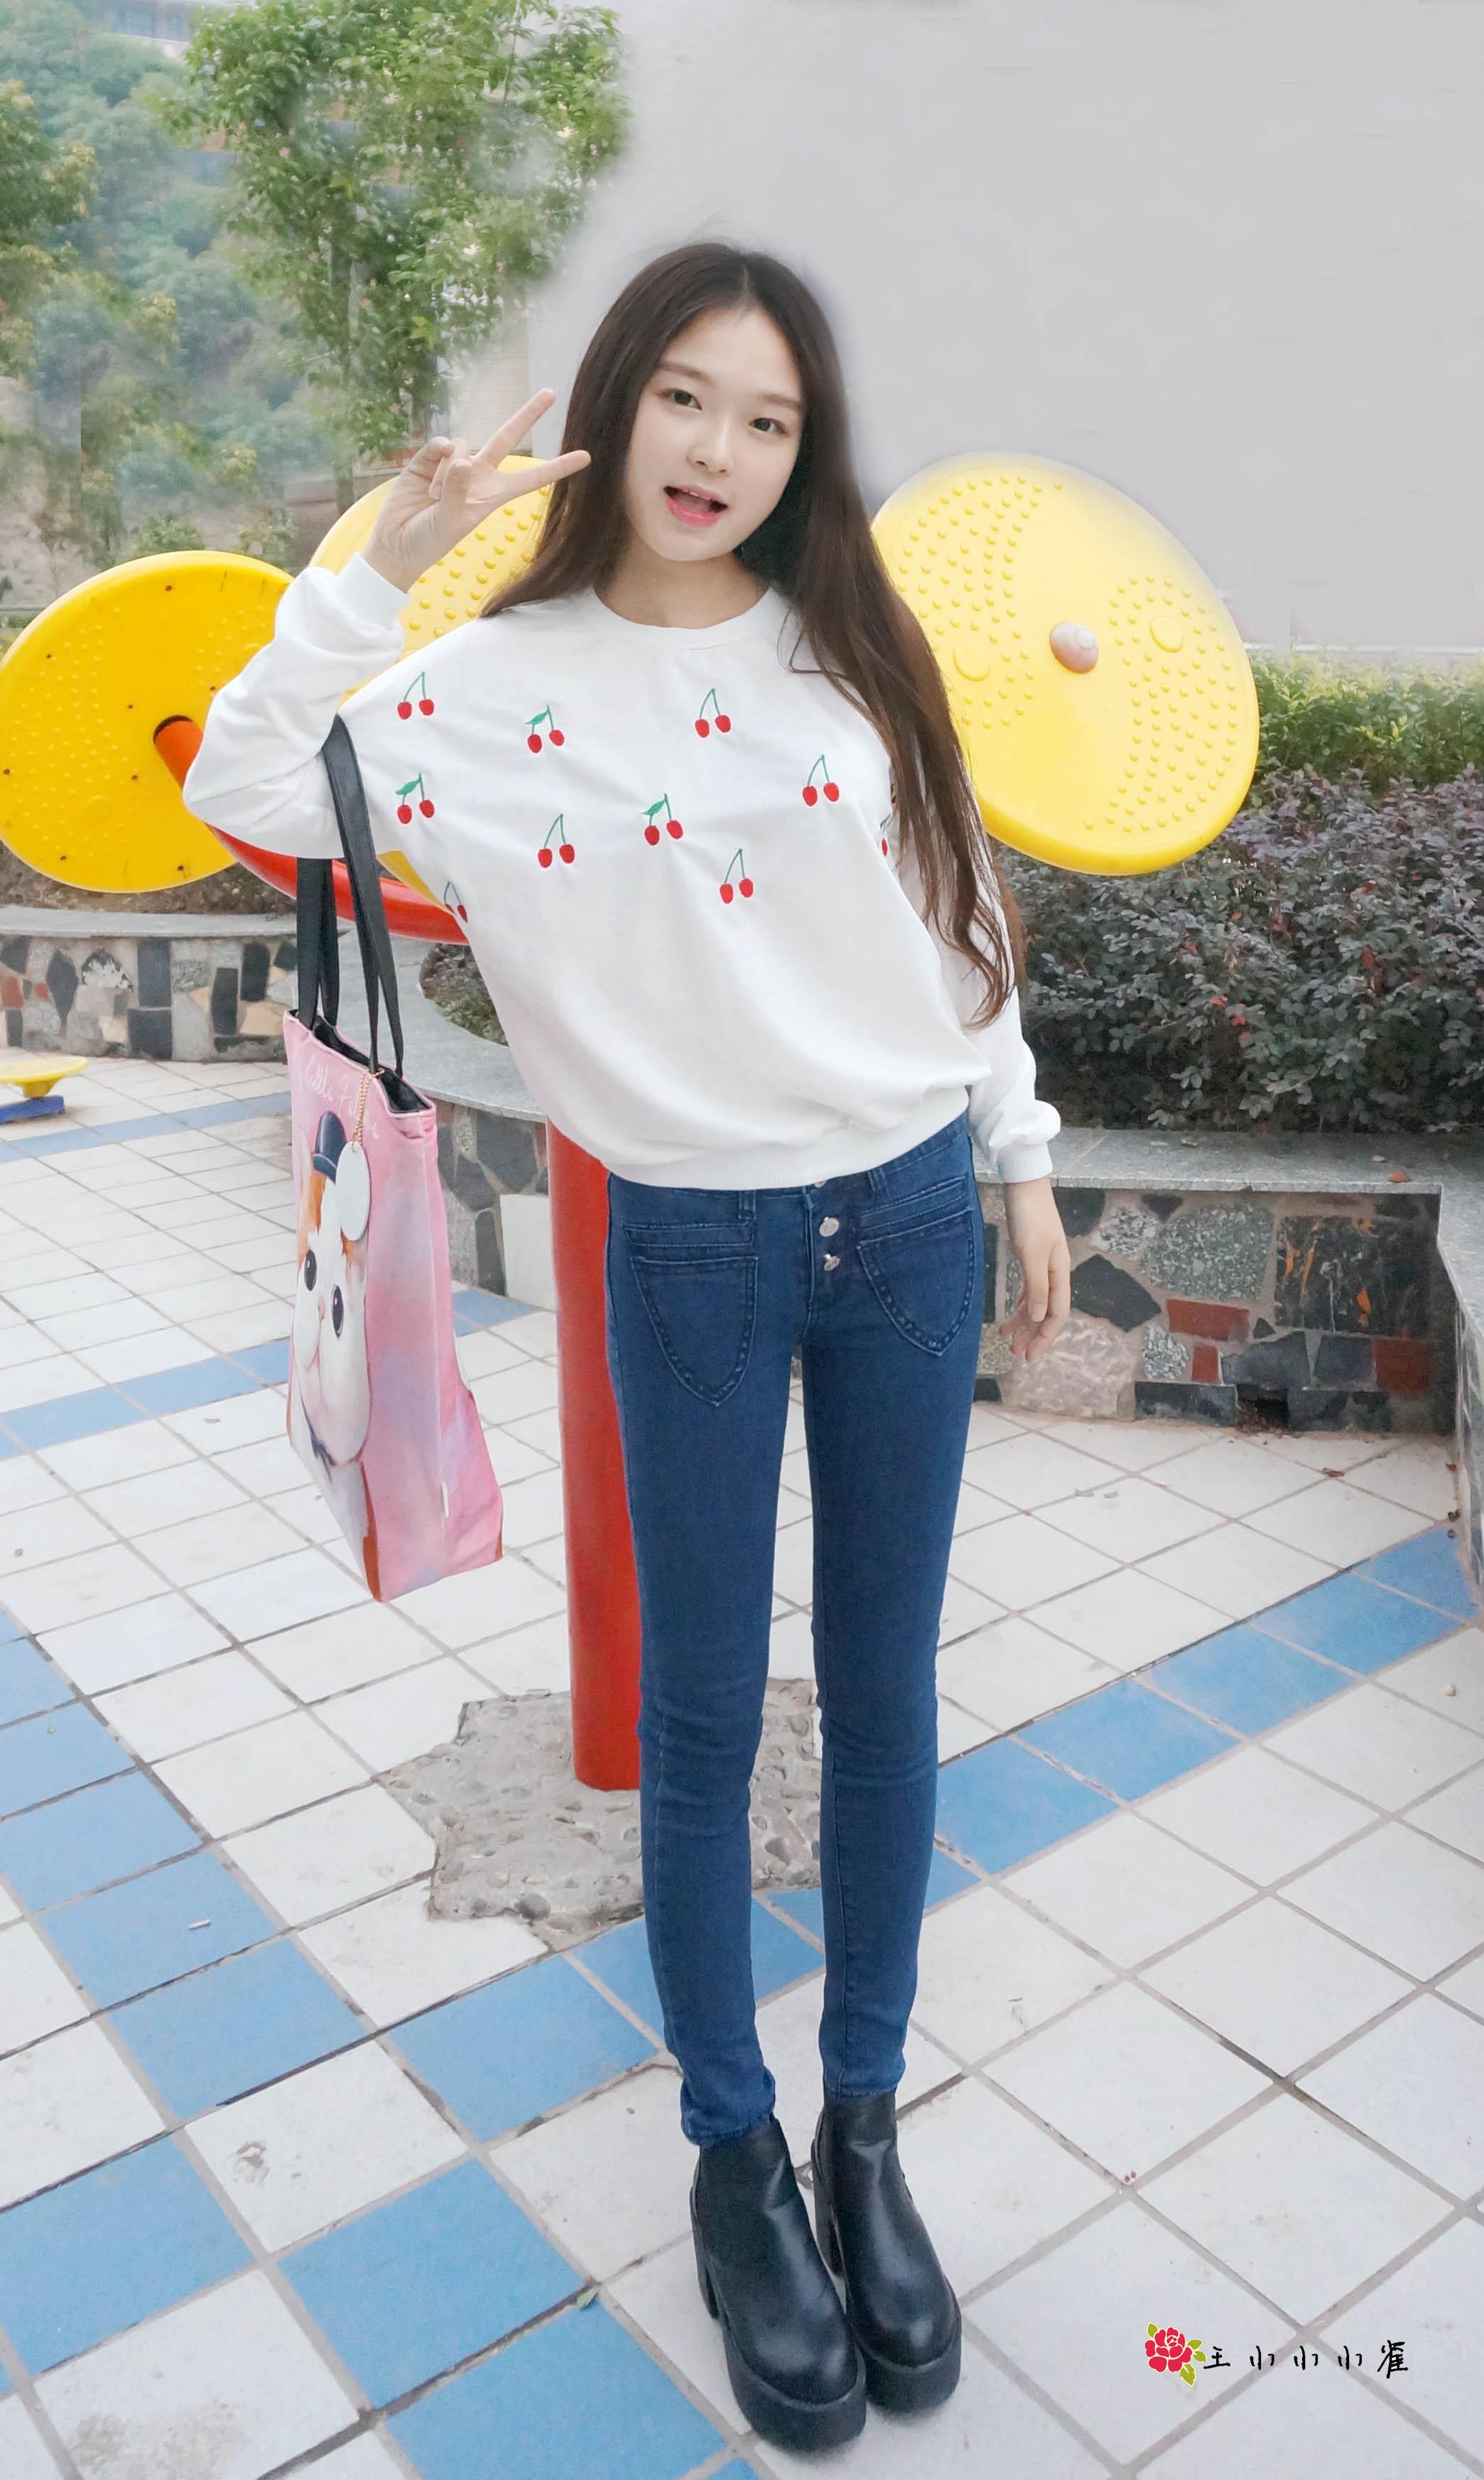 可爱的樱桃刺绣卫衣搭配简单的牛仔裤